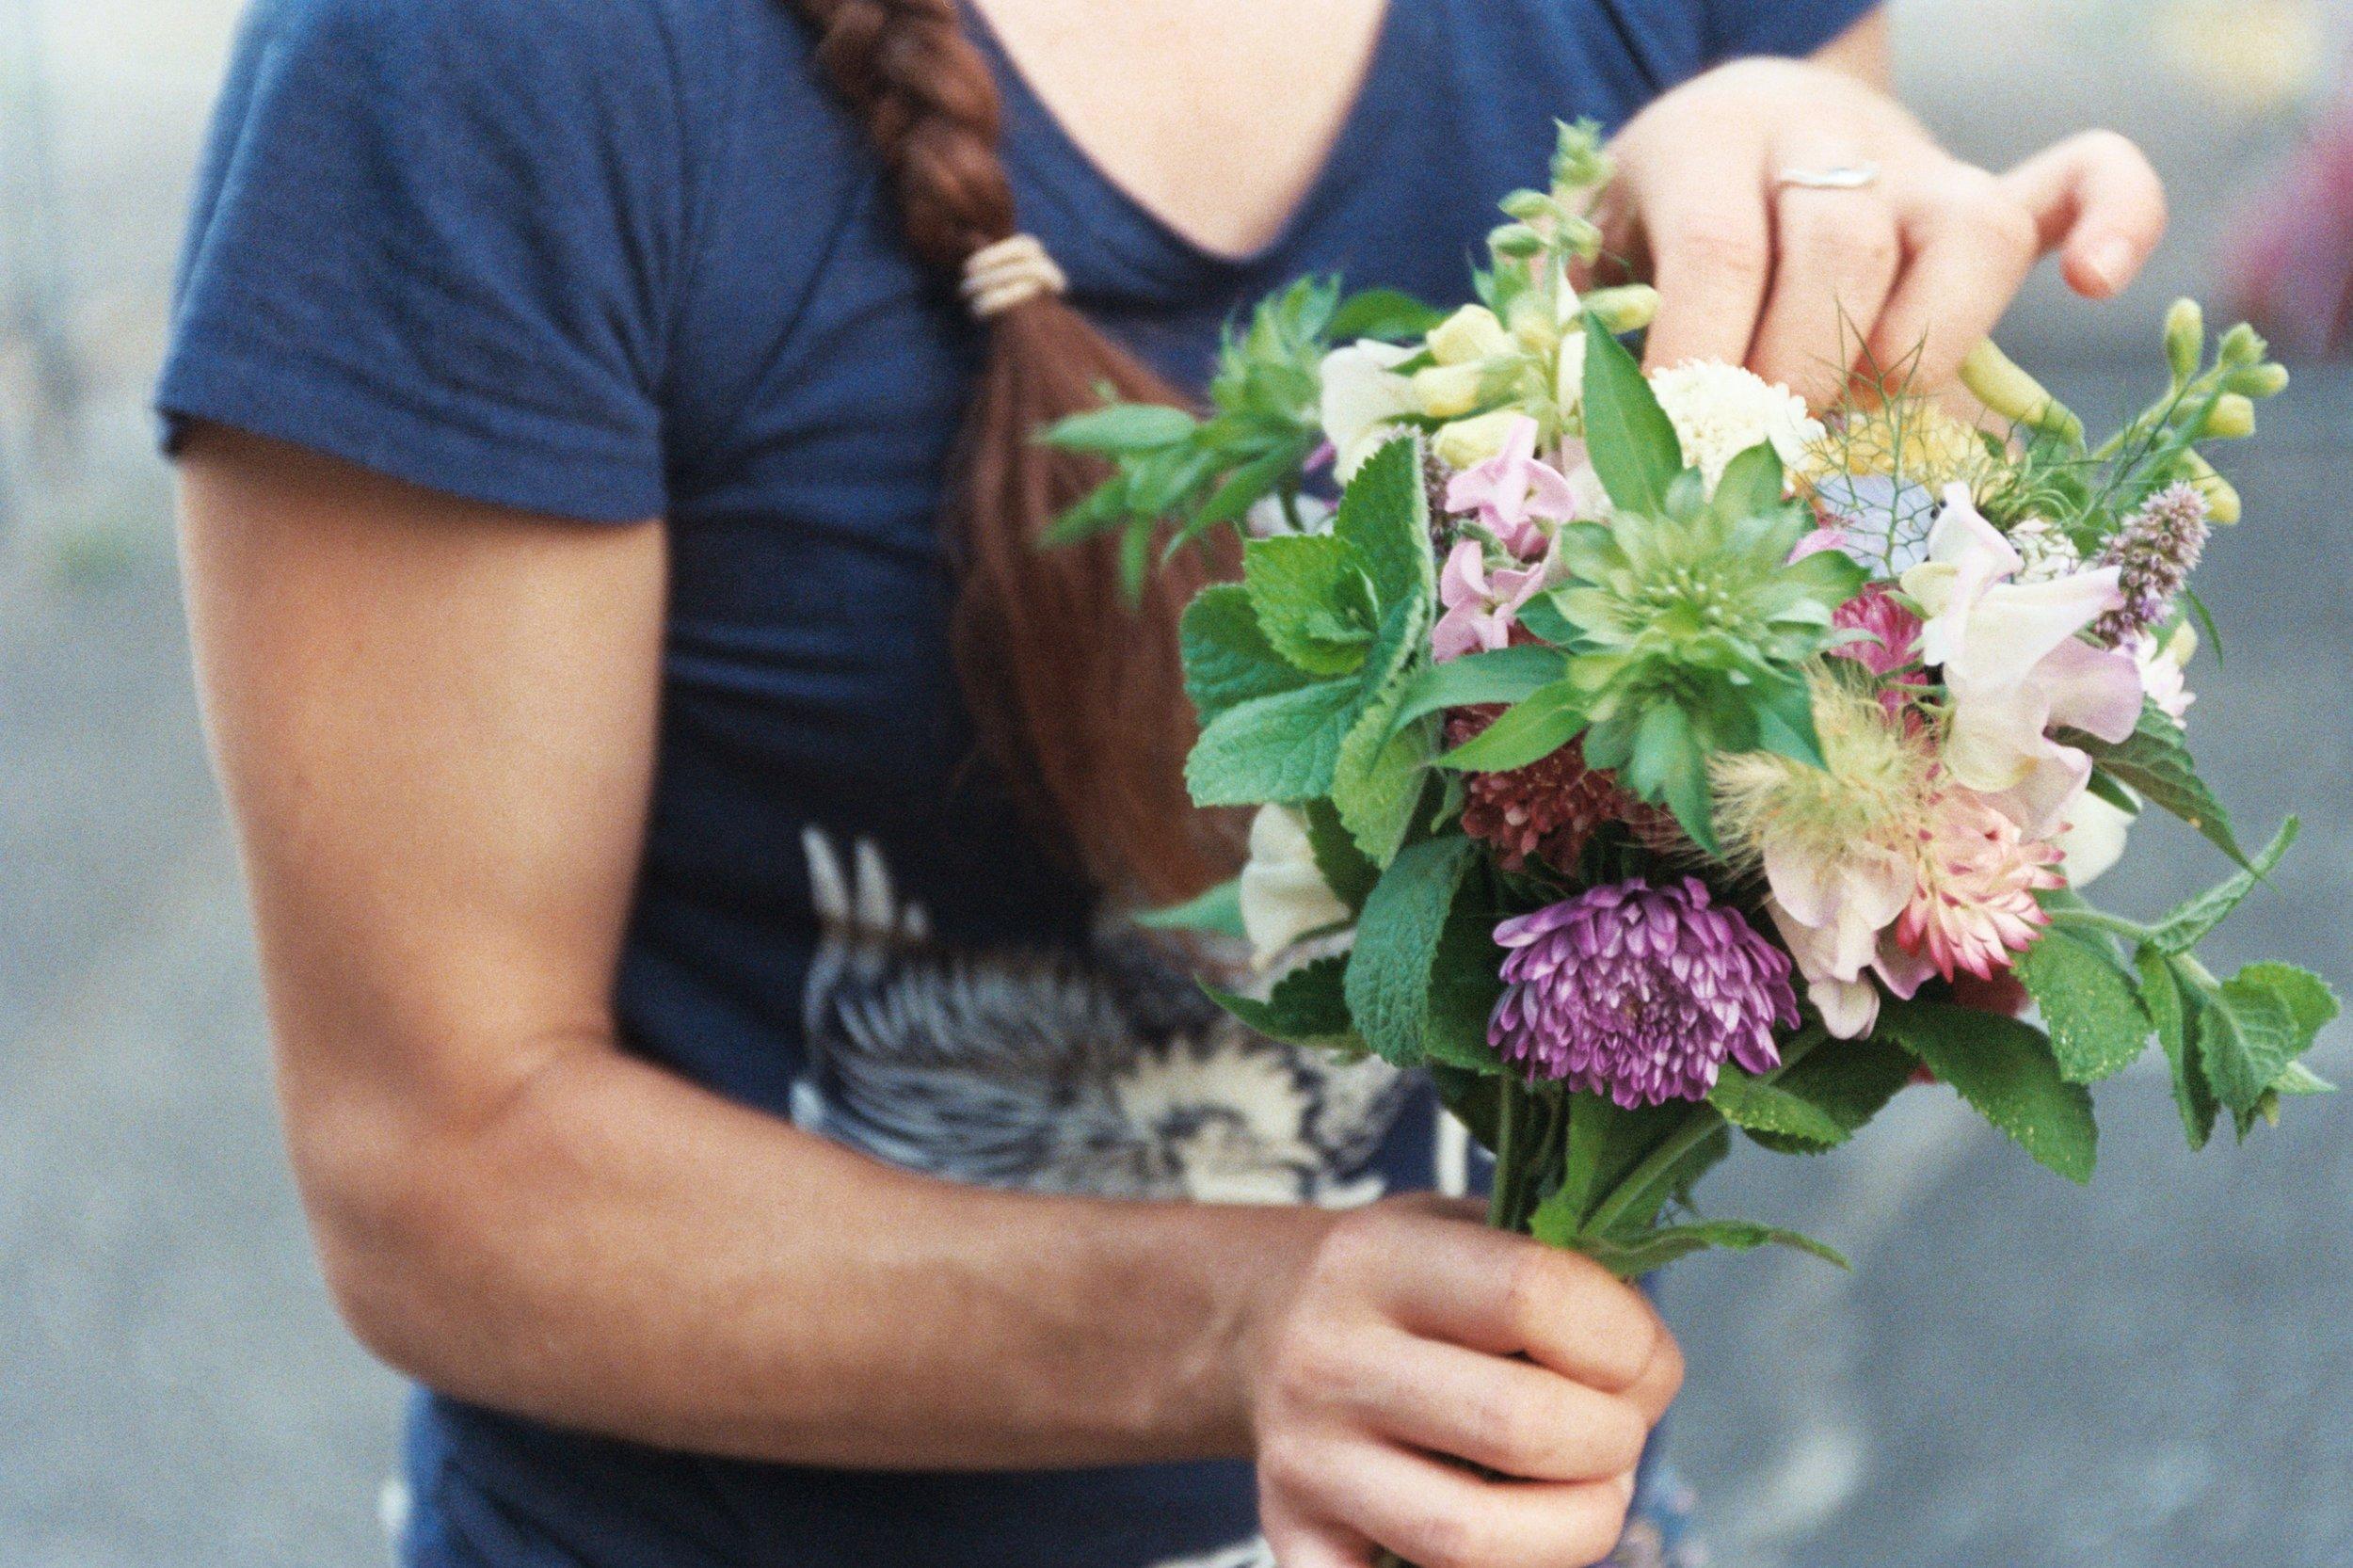 Stemtown Flower Farm + Design